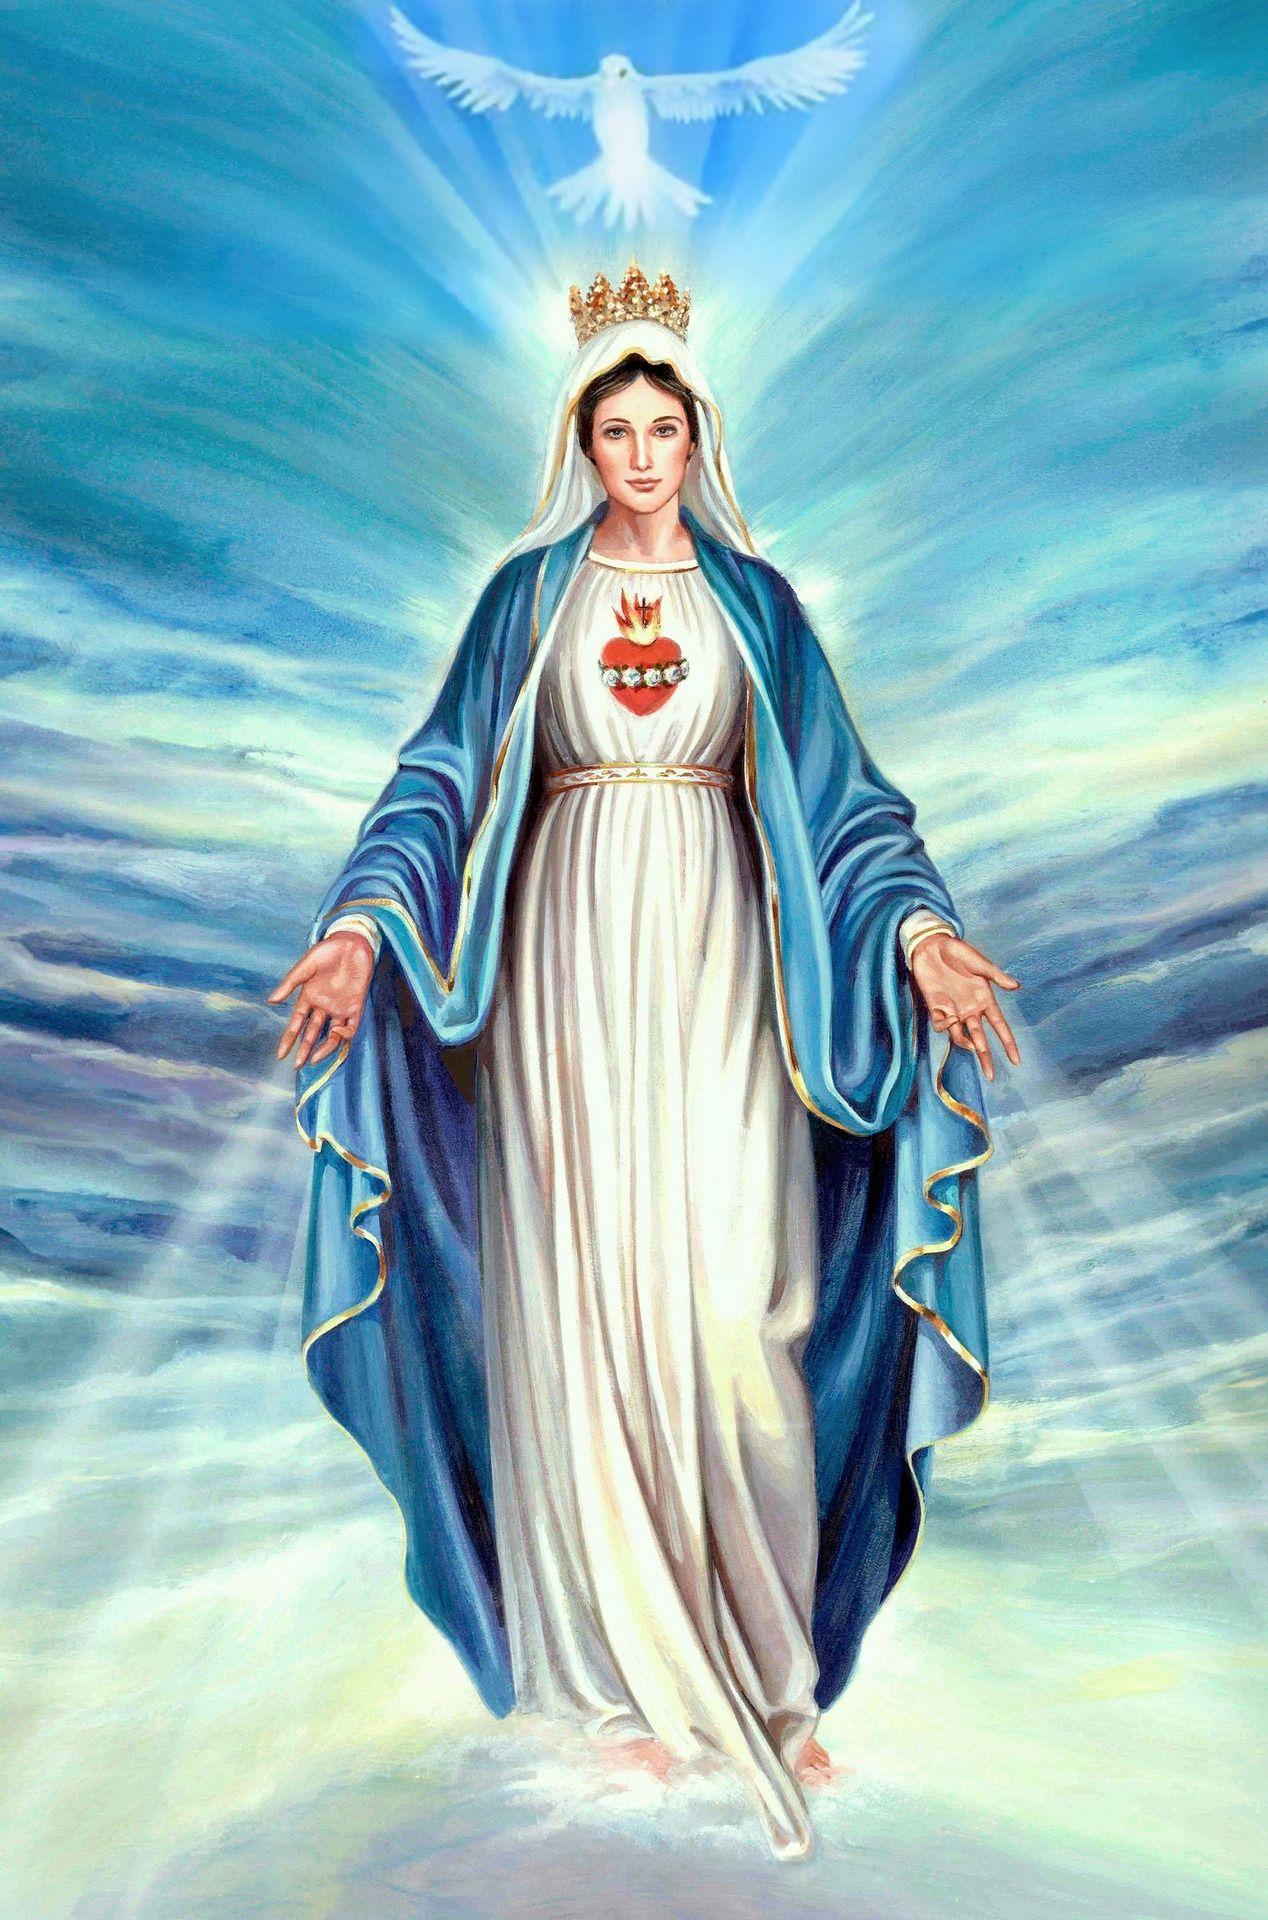 8 diciembre d a de la inmaculada concepci n de la virgen mar a